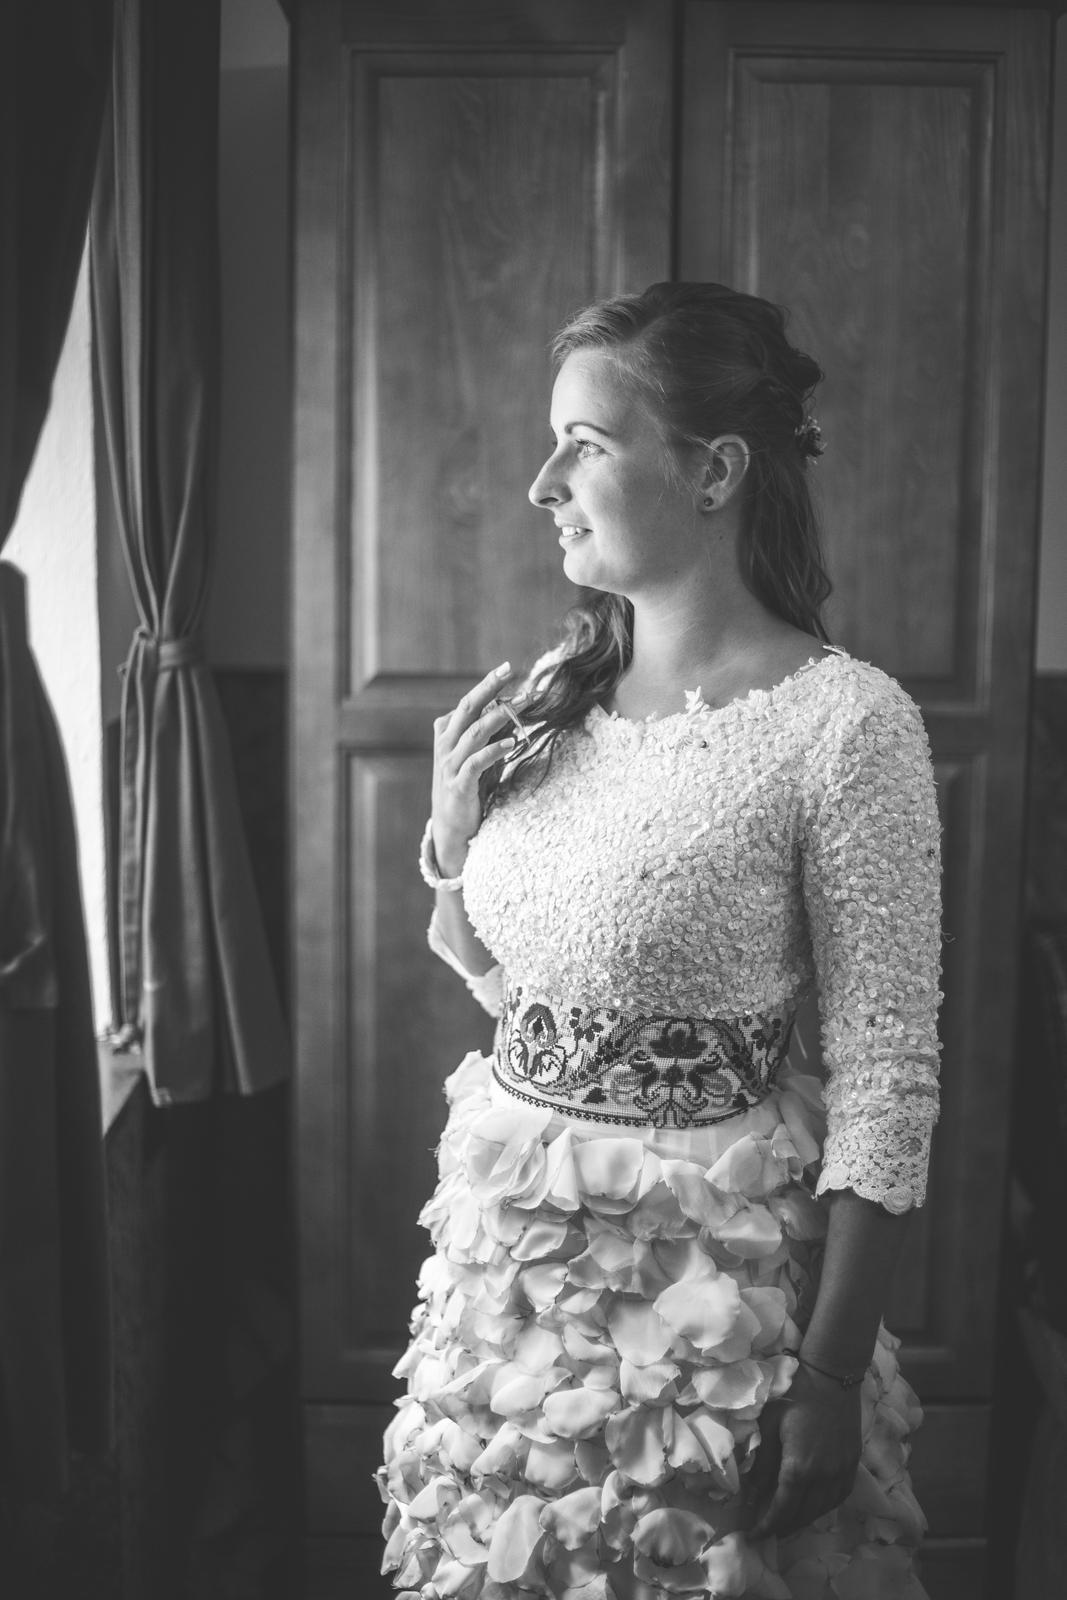 d828855ee1a0 Ručne šité svadobné šaty jaroslava wurll kocanova